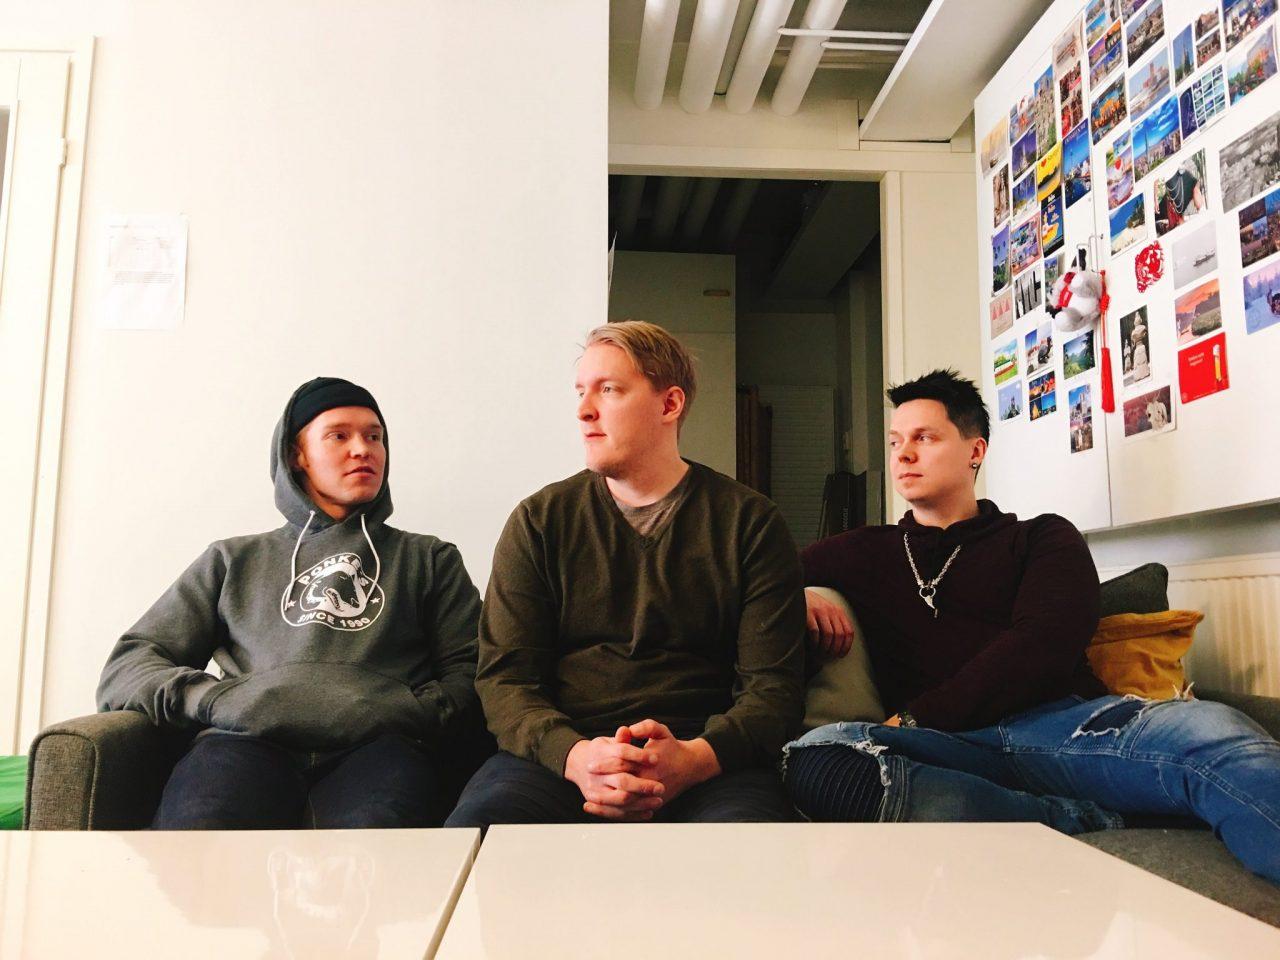 Vilppu, Ville and Sami